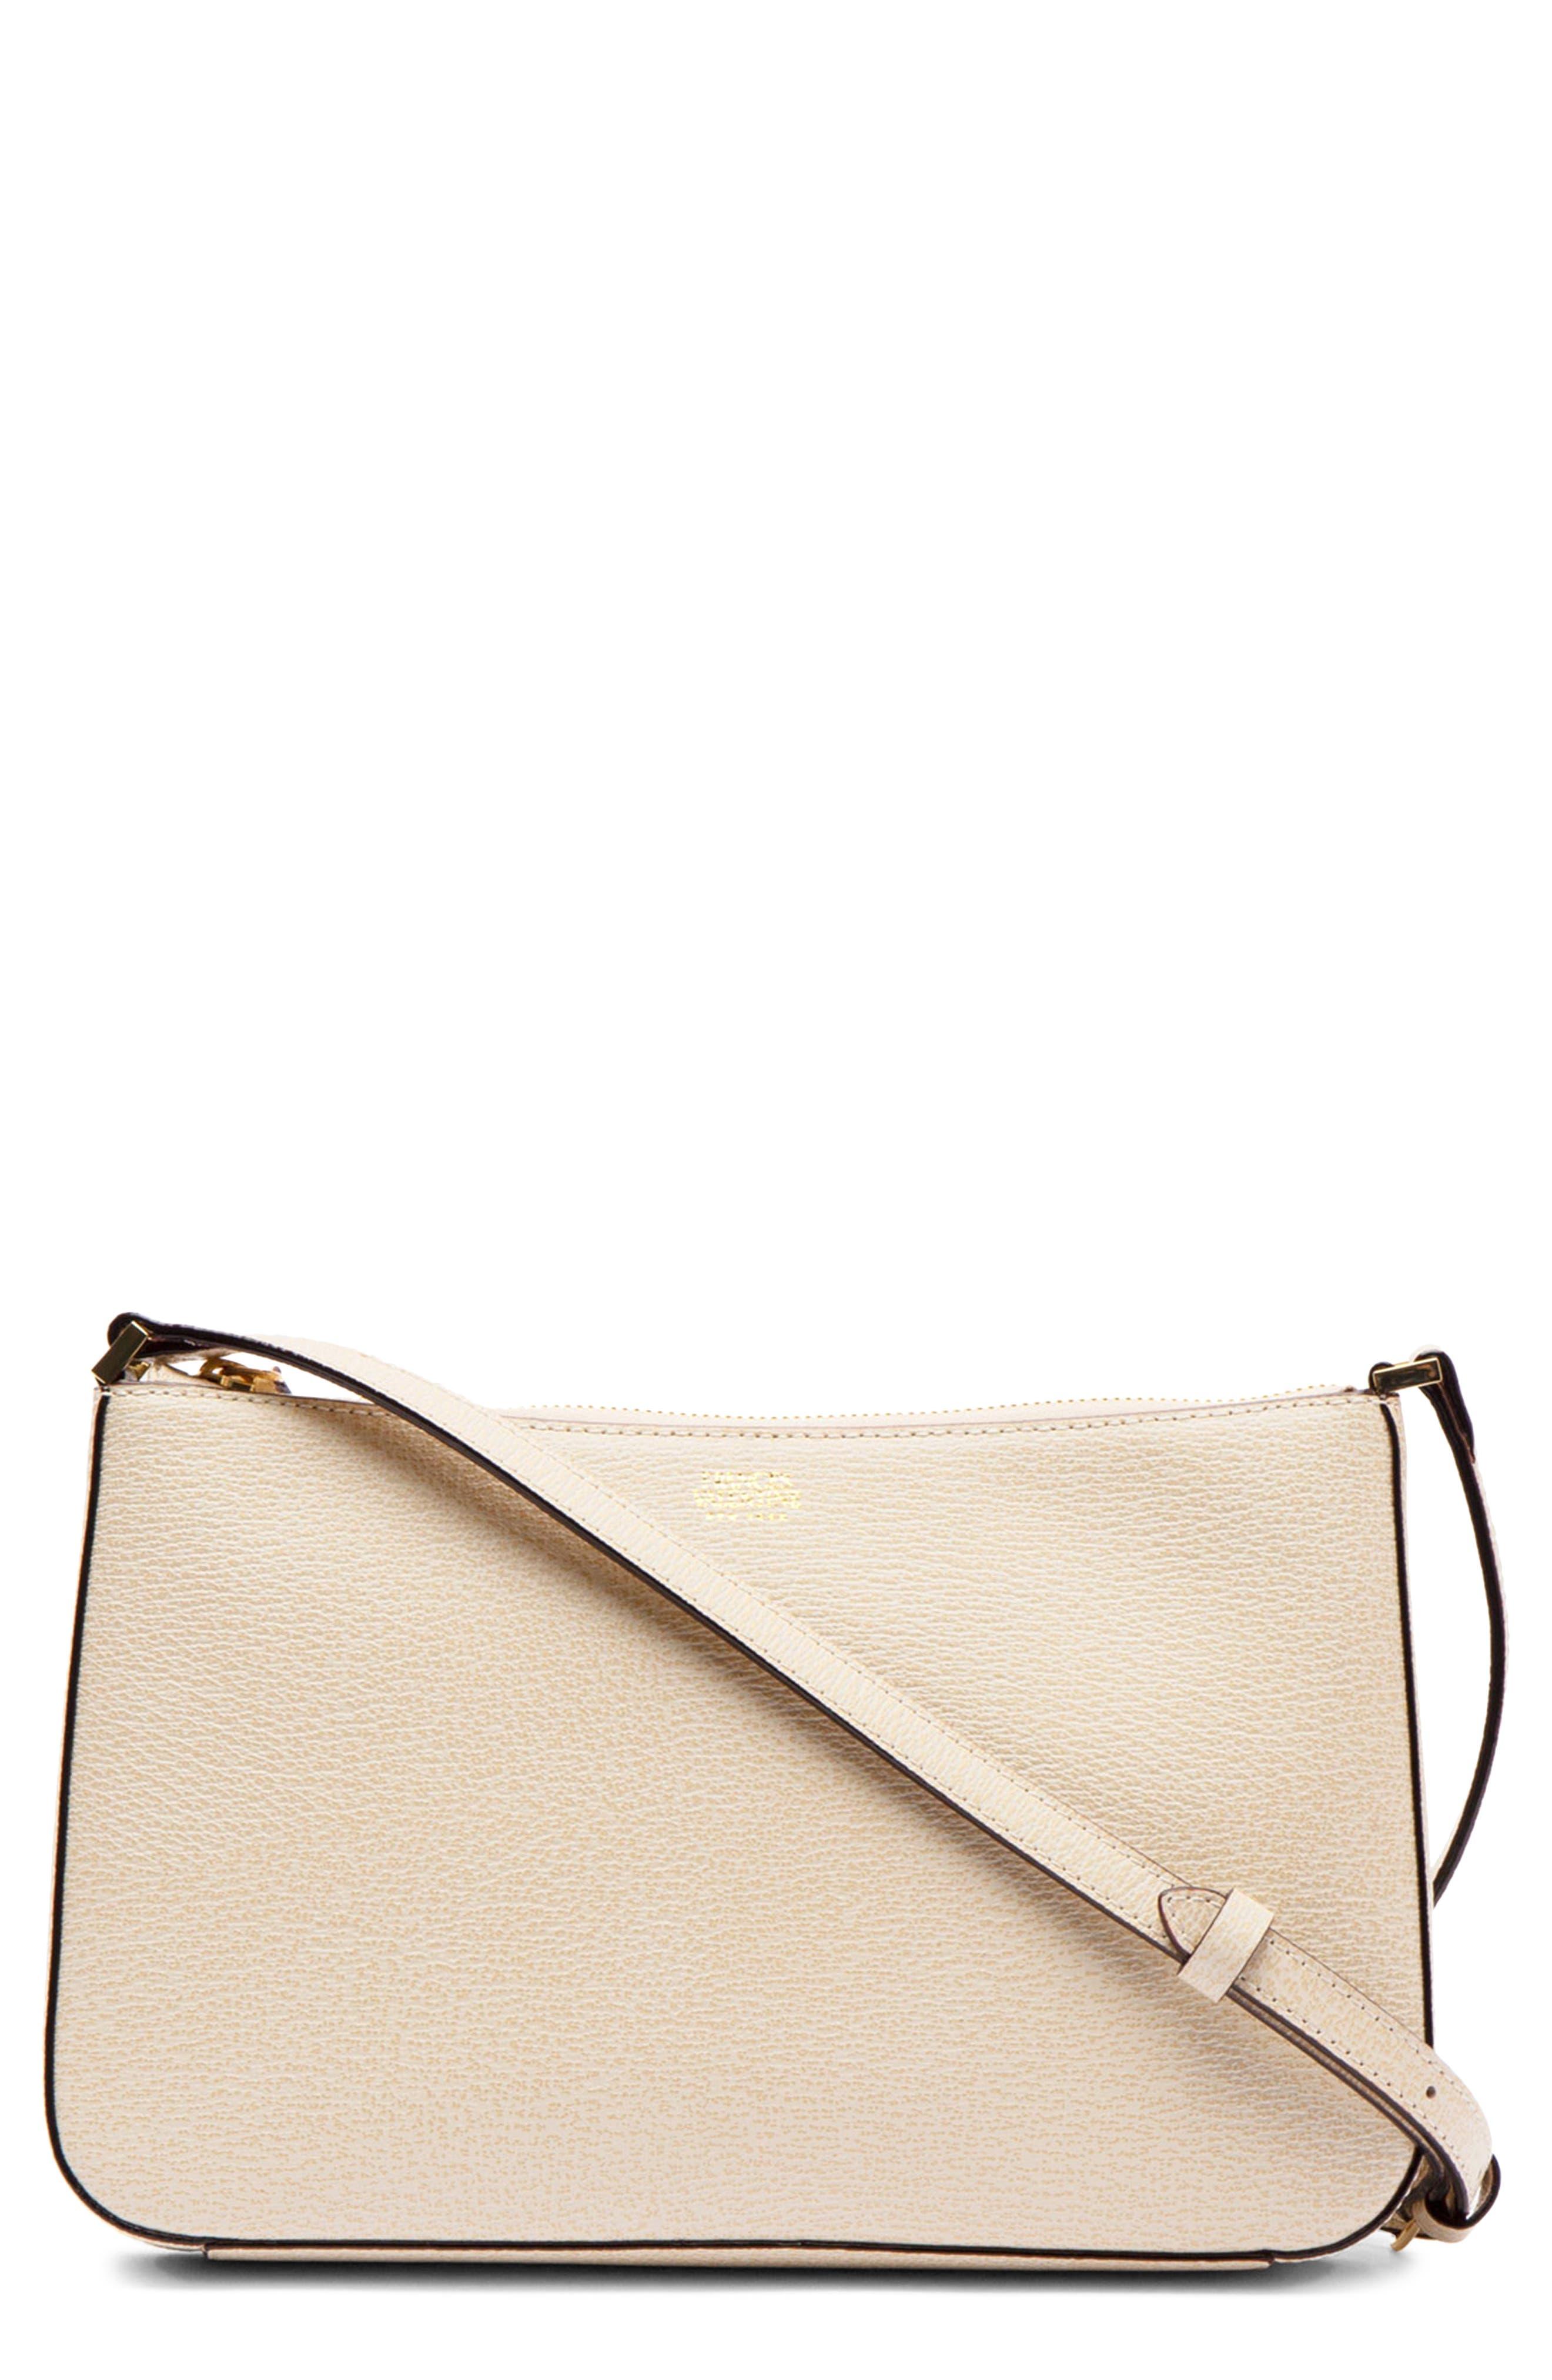 Poppy Leather Shoulder Bag